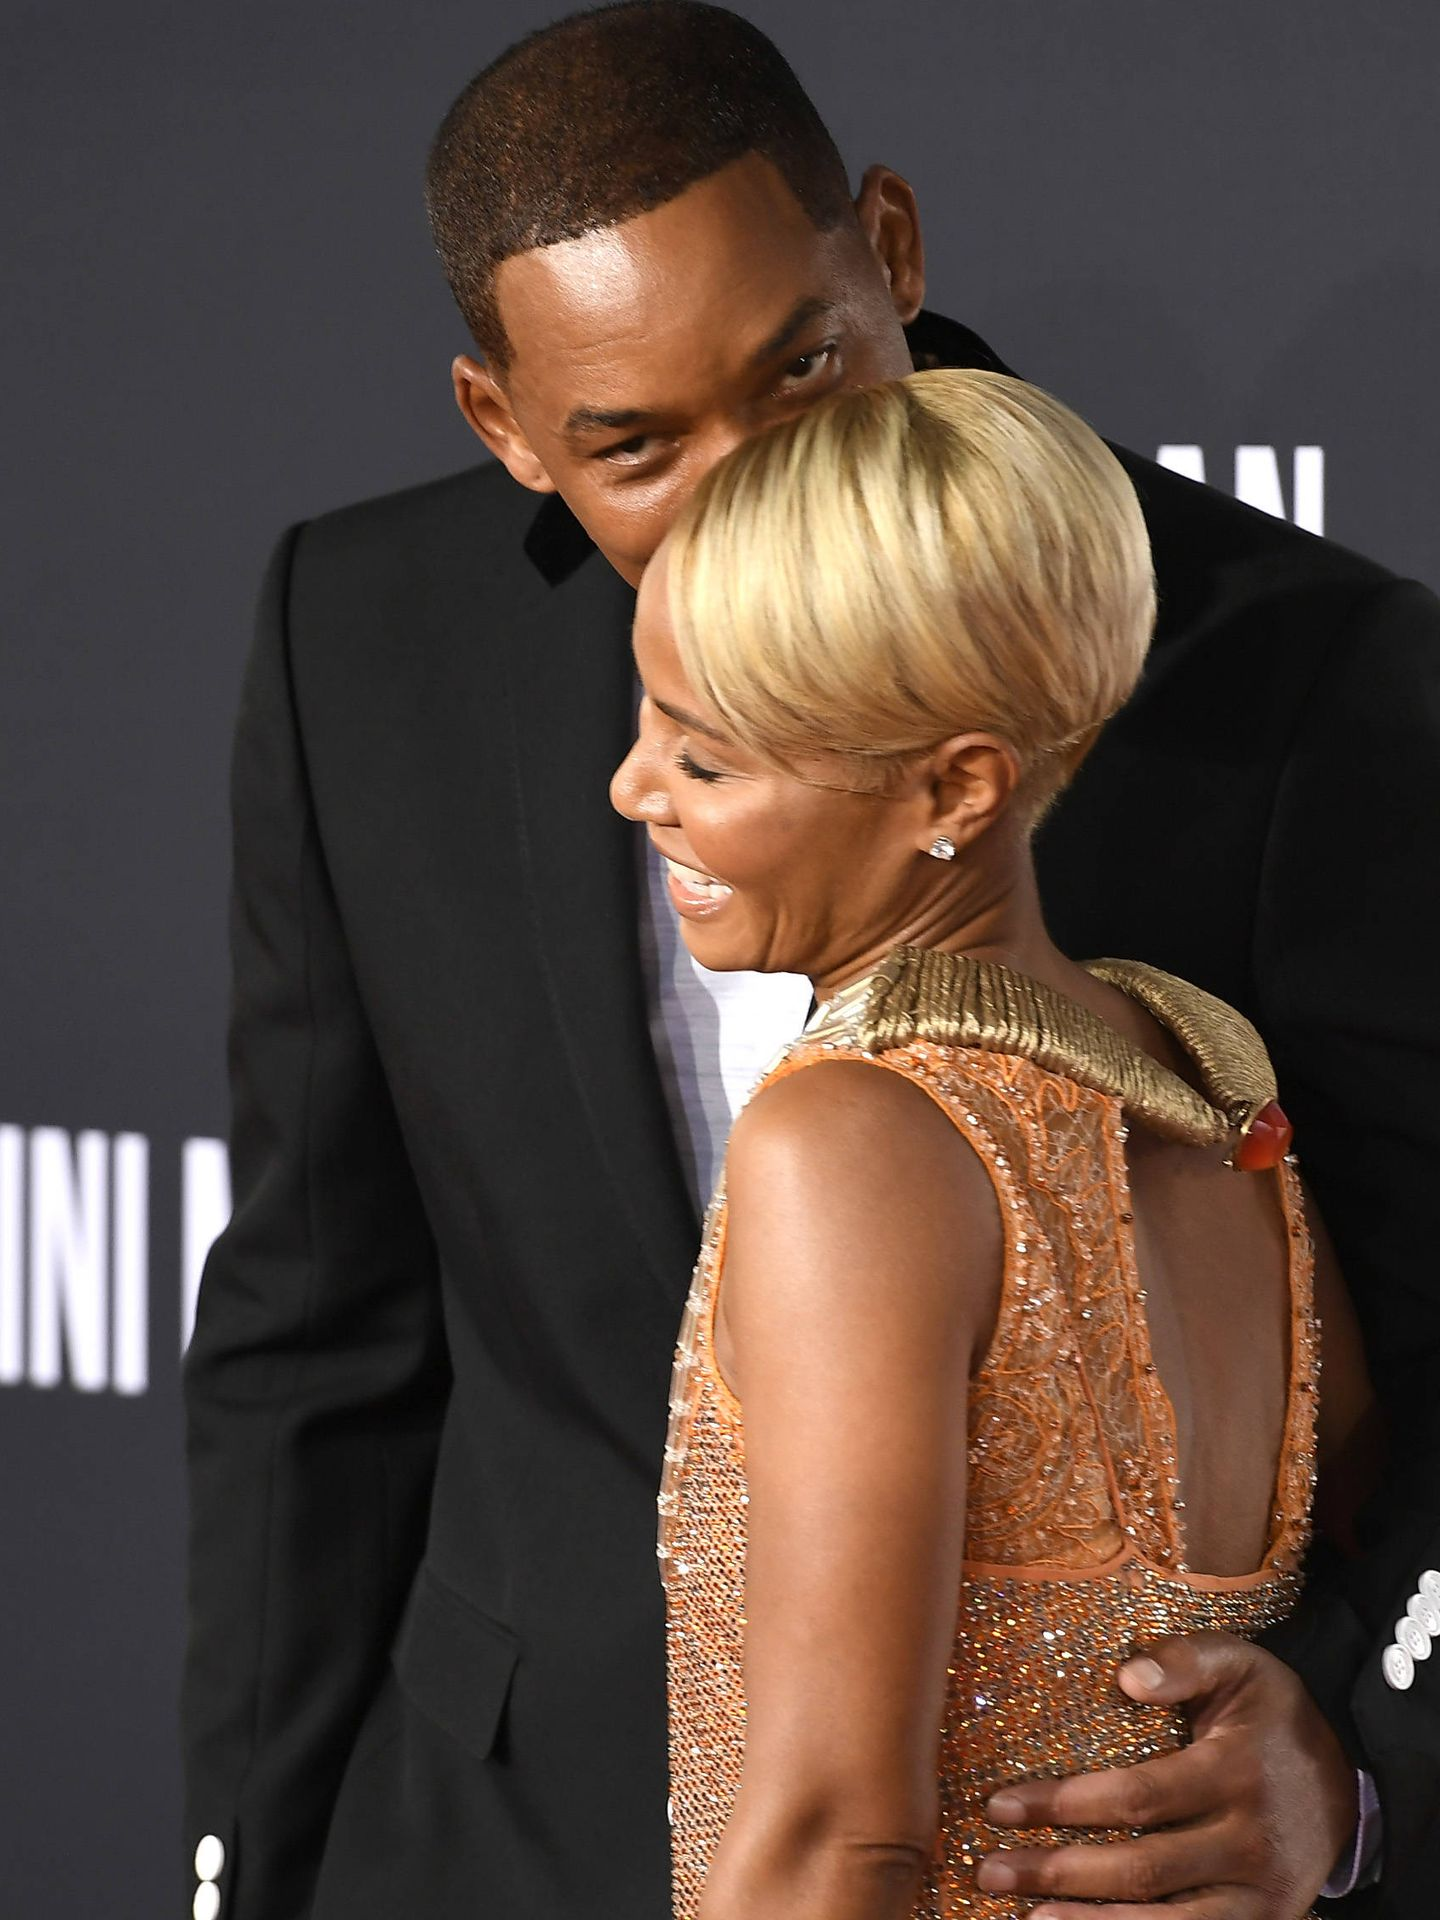 La pareja de actores, en una imagen reciente. (Getty)